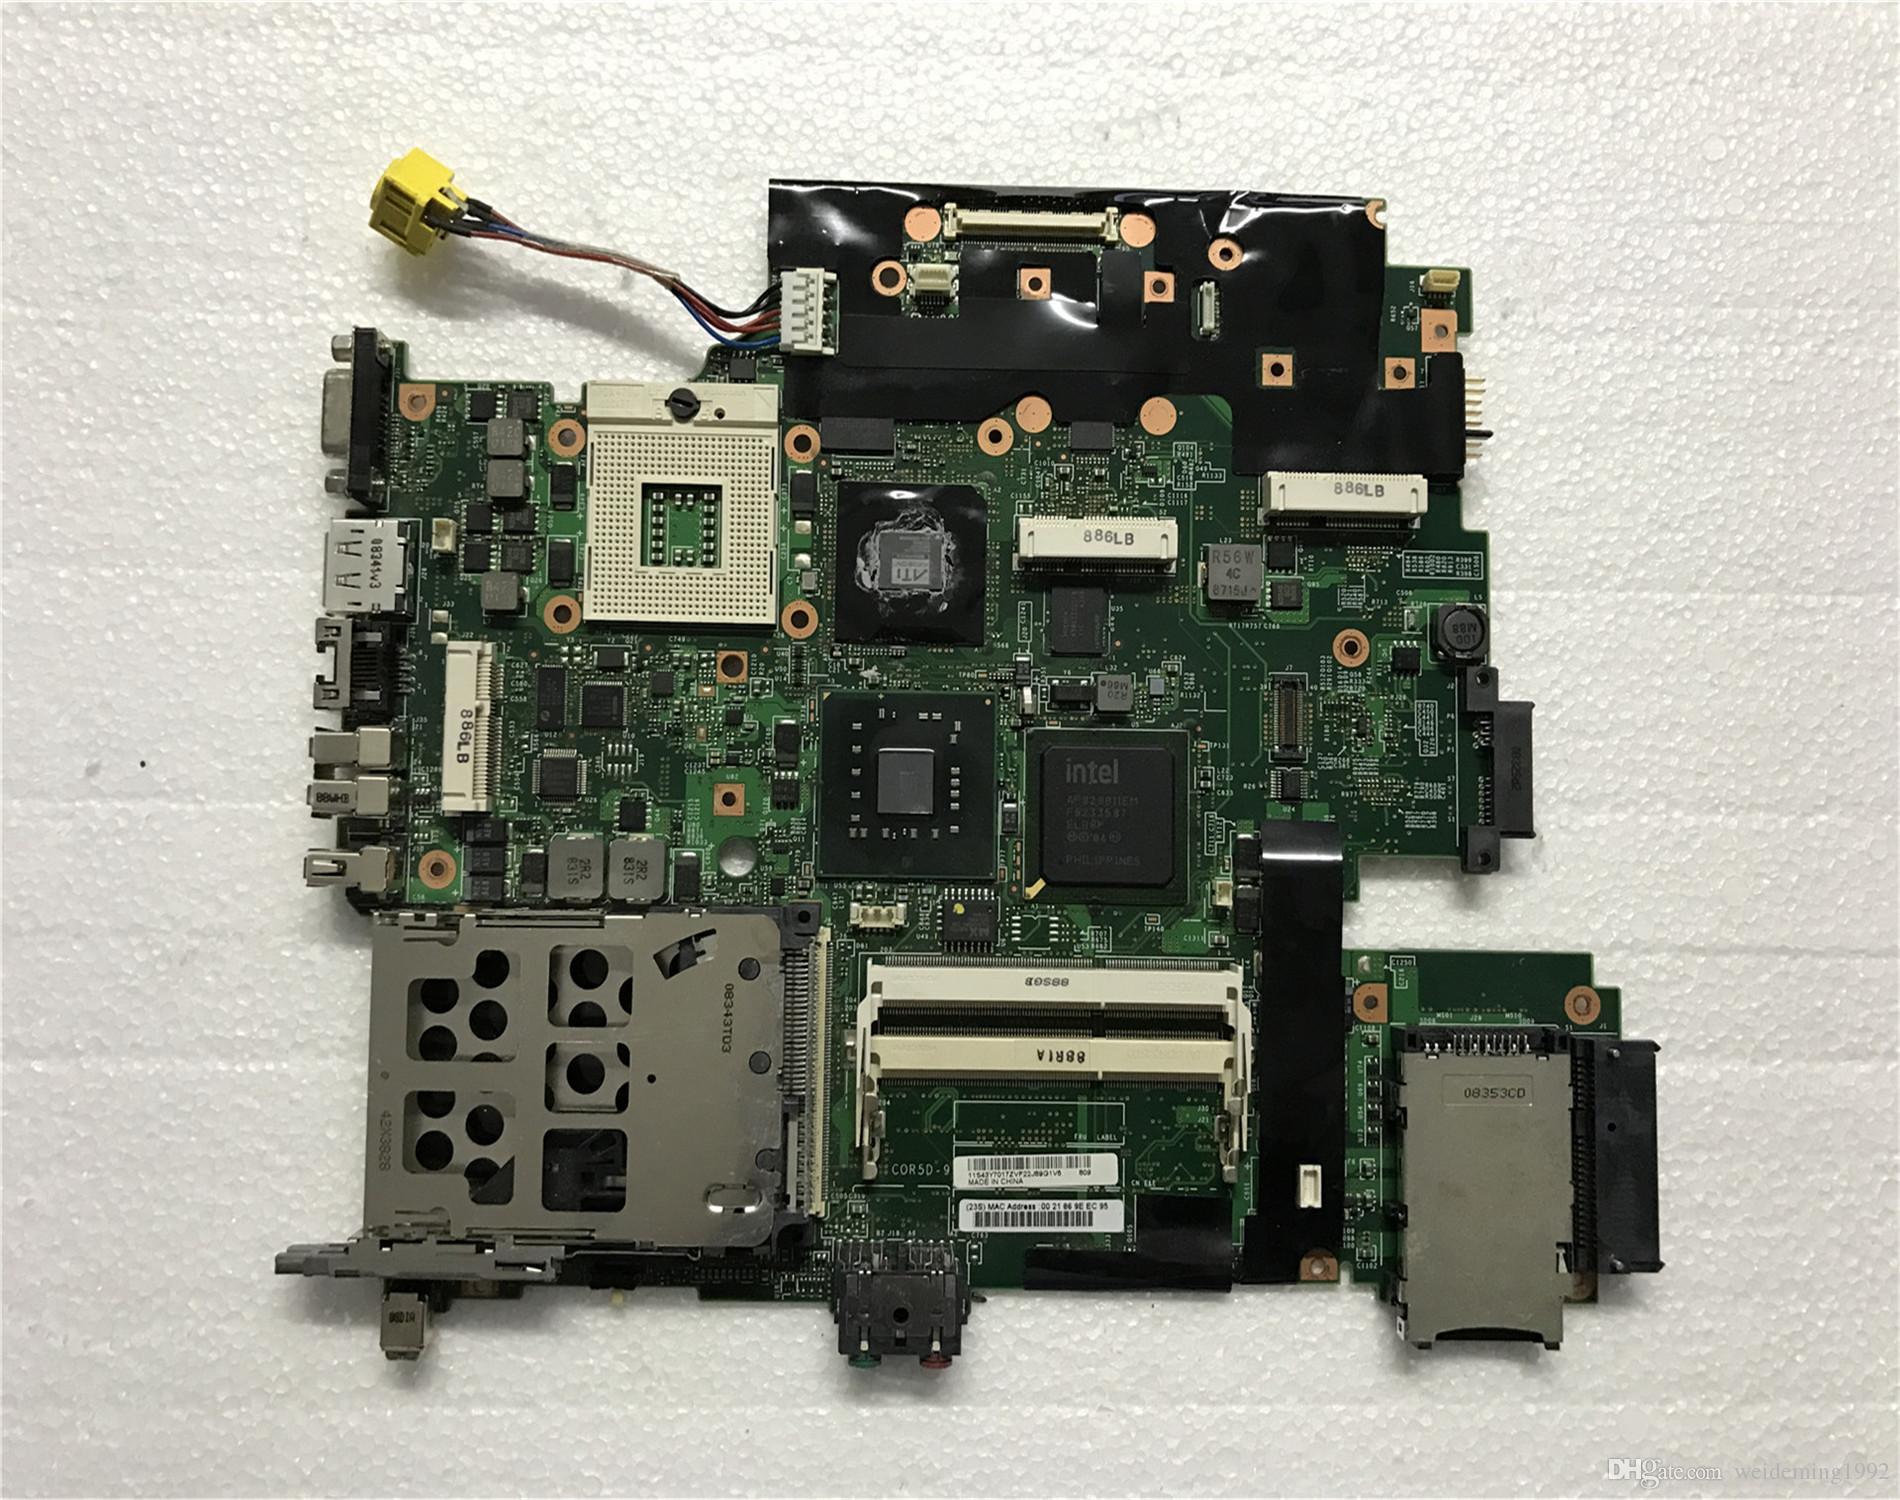 Großhandel 60y3775 42w8131 Für Lenovo Ibm Thinkpad T500 Laptop Motherboard Ddr3 Pm45 42w7980 42w8131 216 Kostenloser Versand Test Ok Von